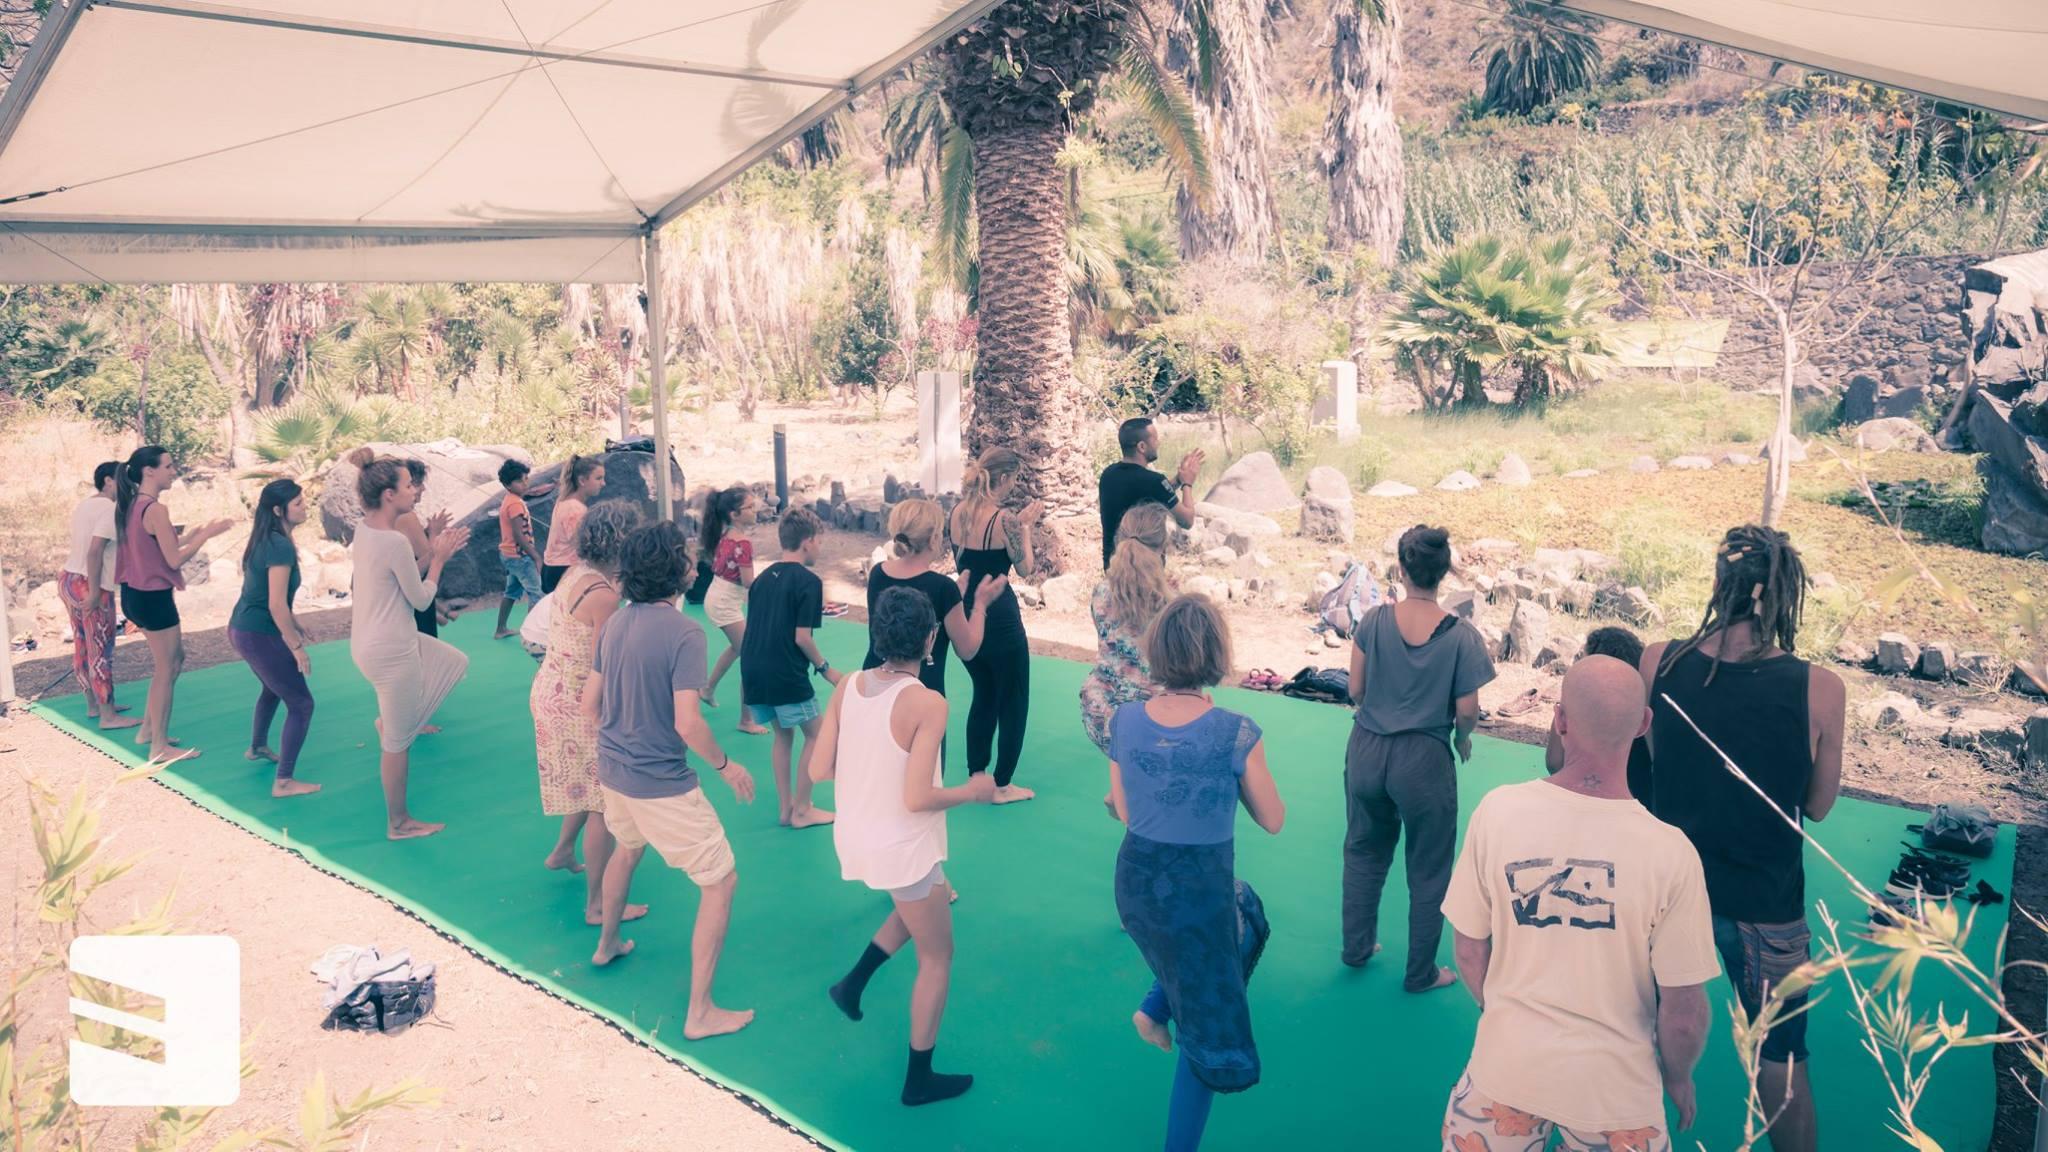 Atlántico Sonoro ofrece talleres gratuitos en el Jardín Botánico del Descubrimiento en Vallehermoso